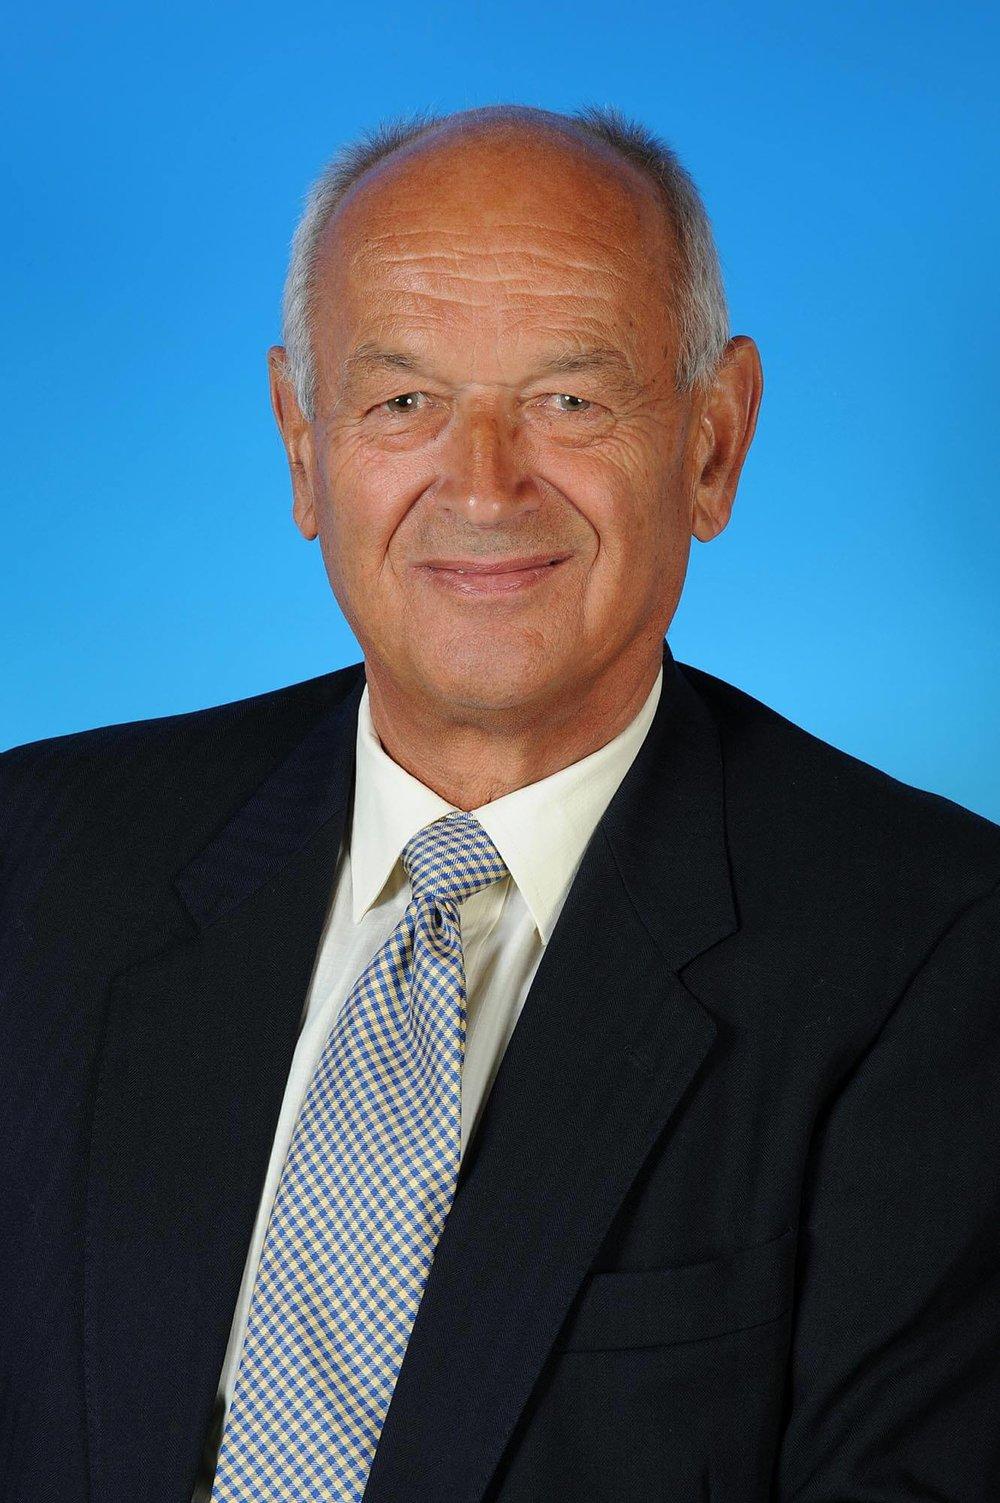 Councillor David Foyle